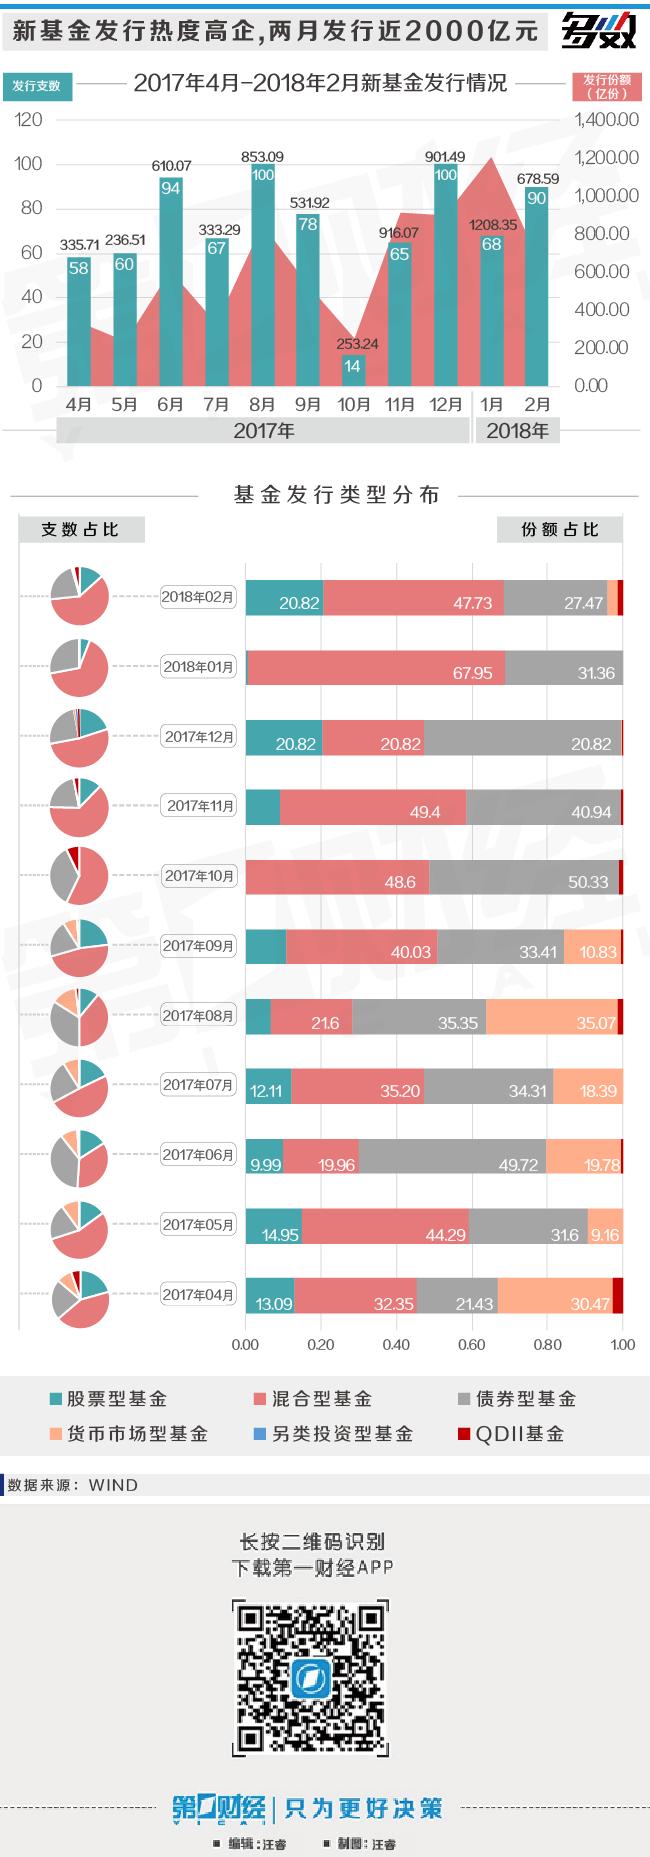 炒股不如买基金?看看基金20年业绩数据怎么说